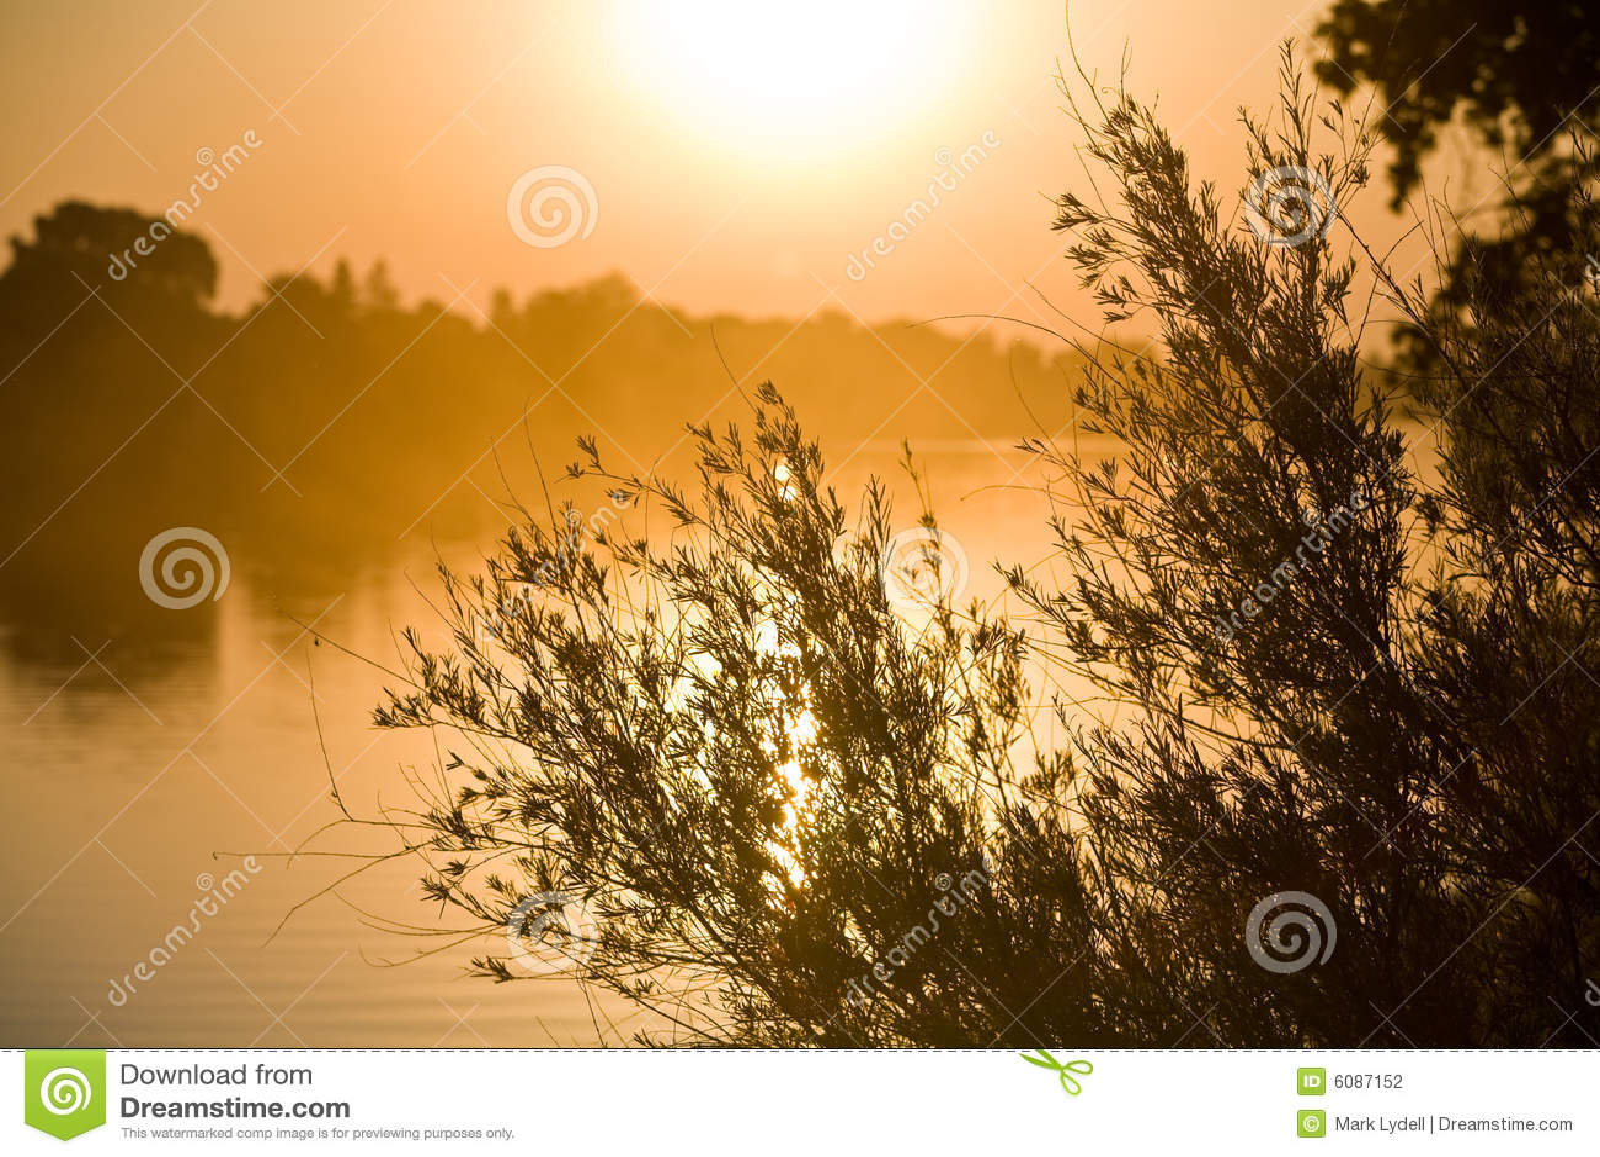 Fotografia stock: alba sopra il fiume di sacramento